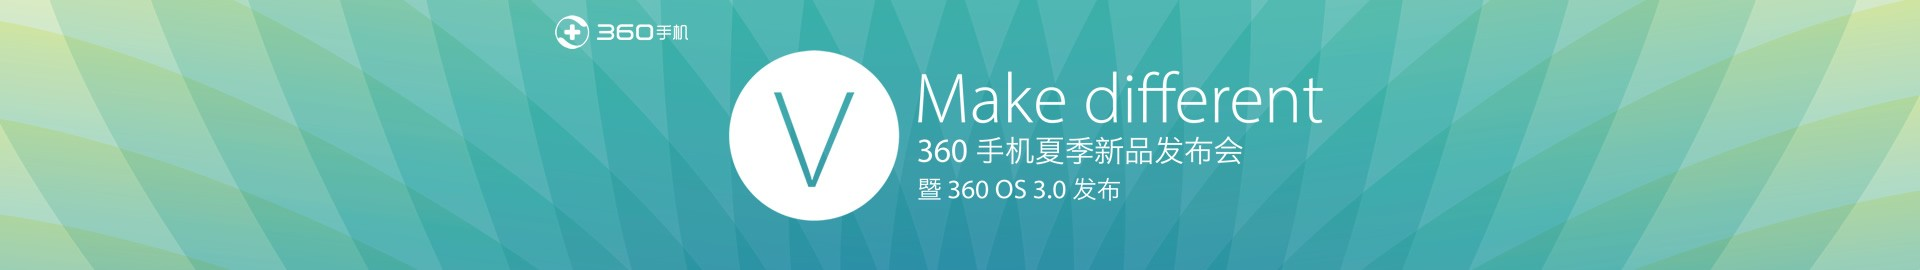 一起制造不同 360乐虎国际手机客户端夏季发布会直播